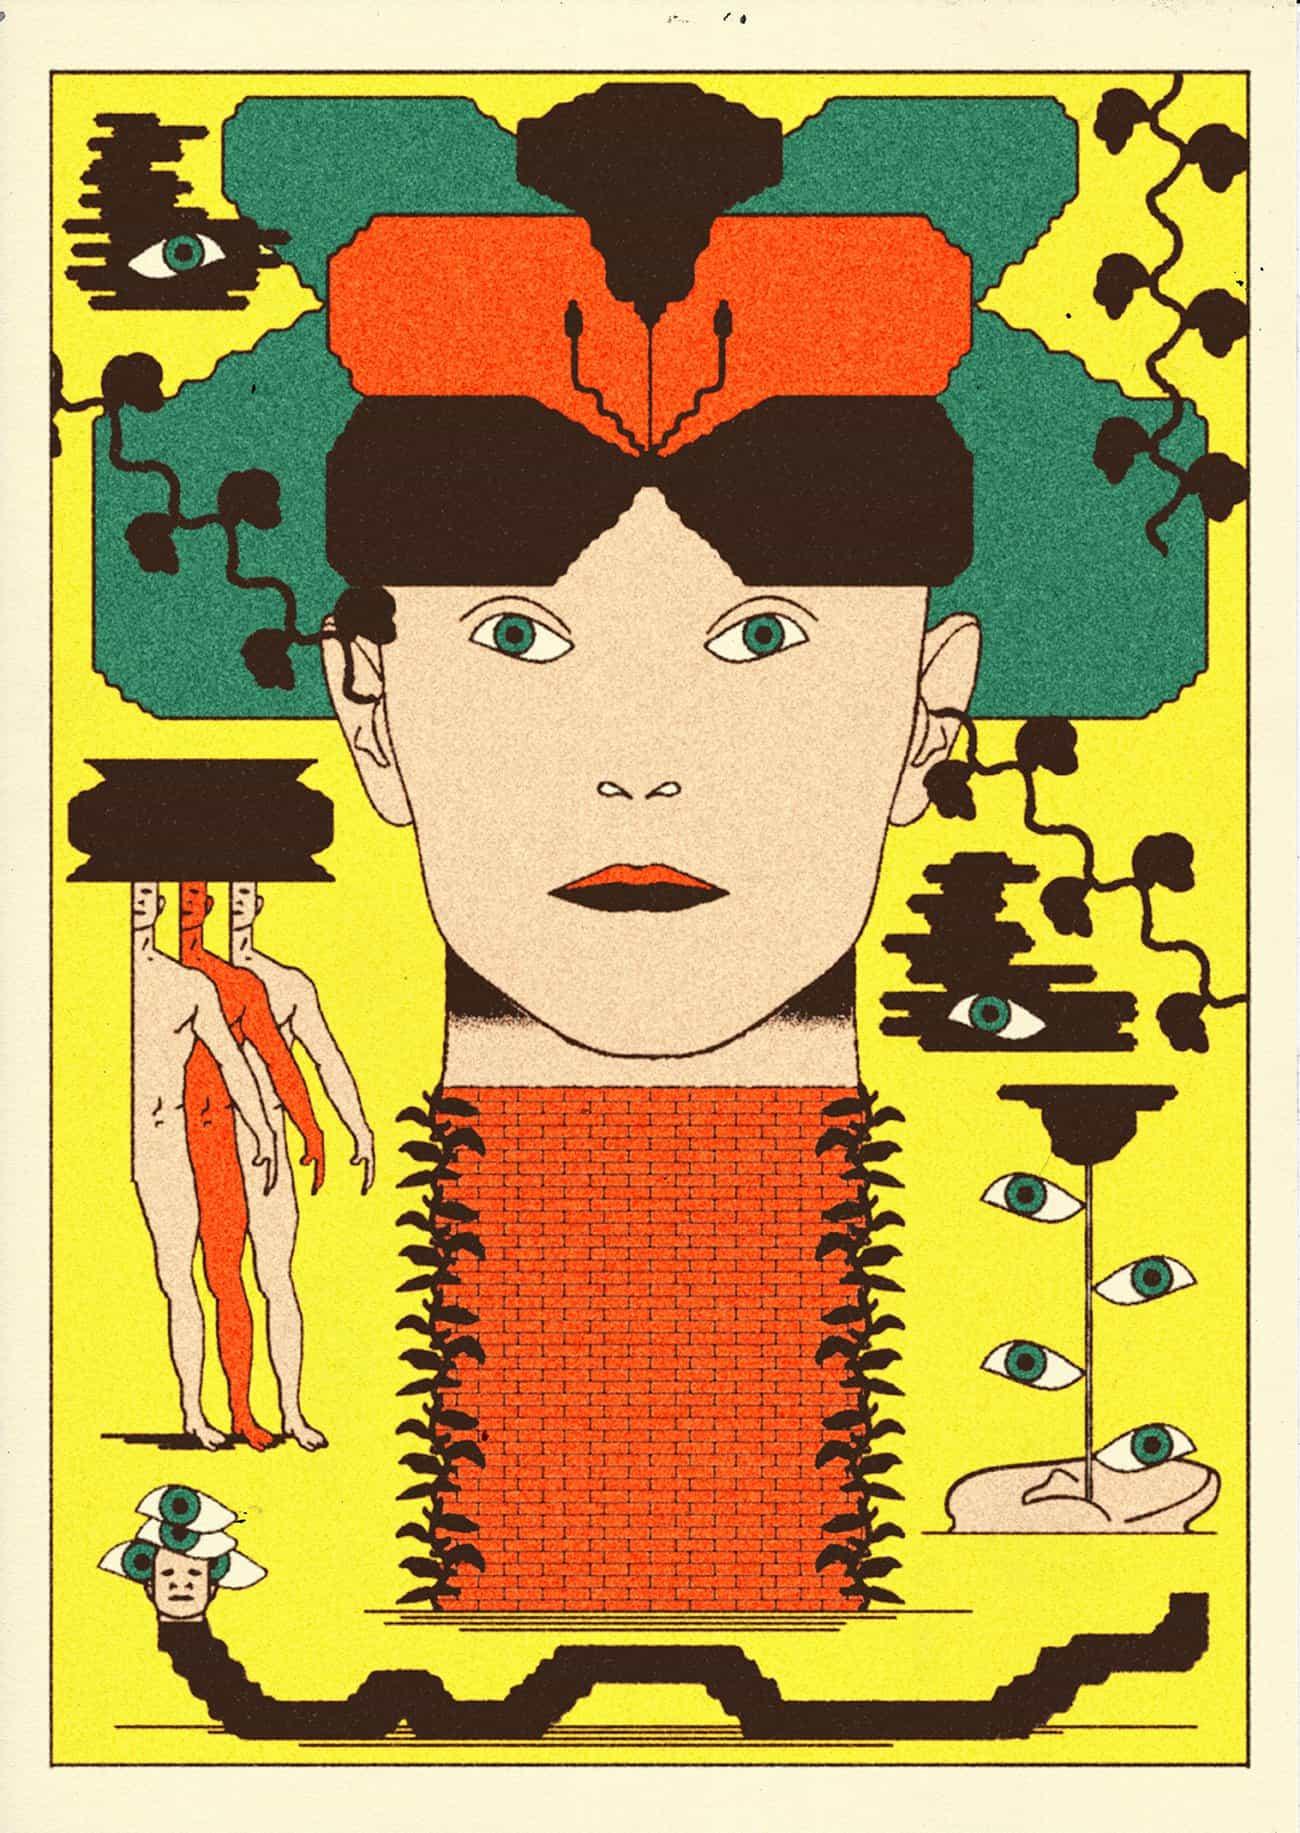 Echar un vistazo a la mente extraño y loco del ilustrador Ramón Keimig